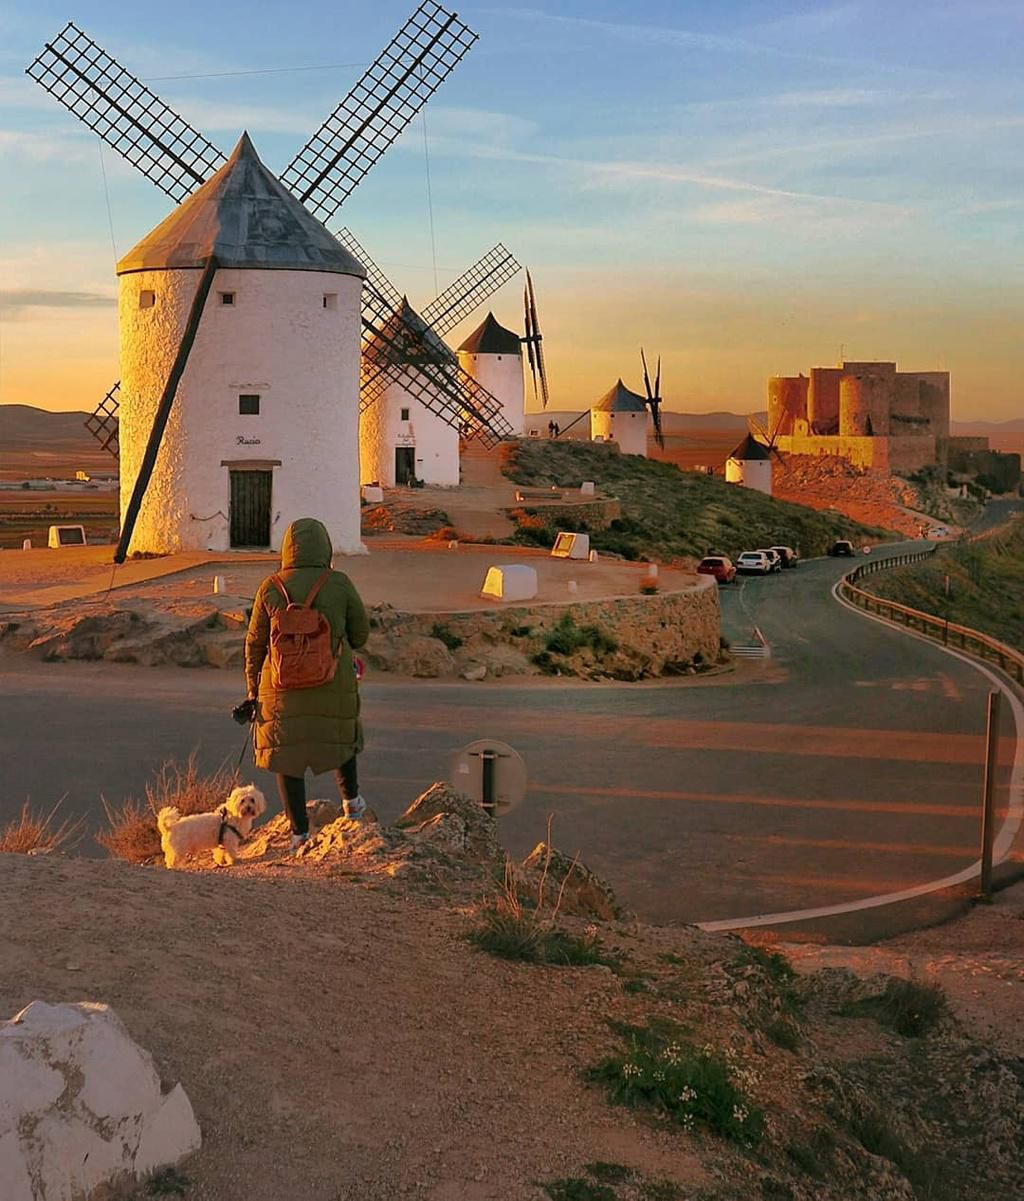 Thiên đường cối xay gió đẹp như tranh vẽ ở Tây Ban Nha Ảnh 10